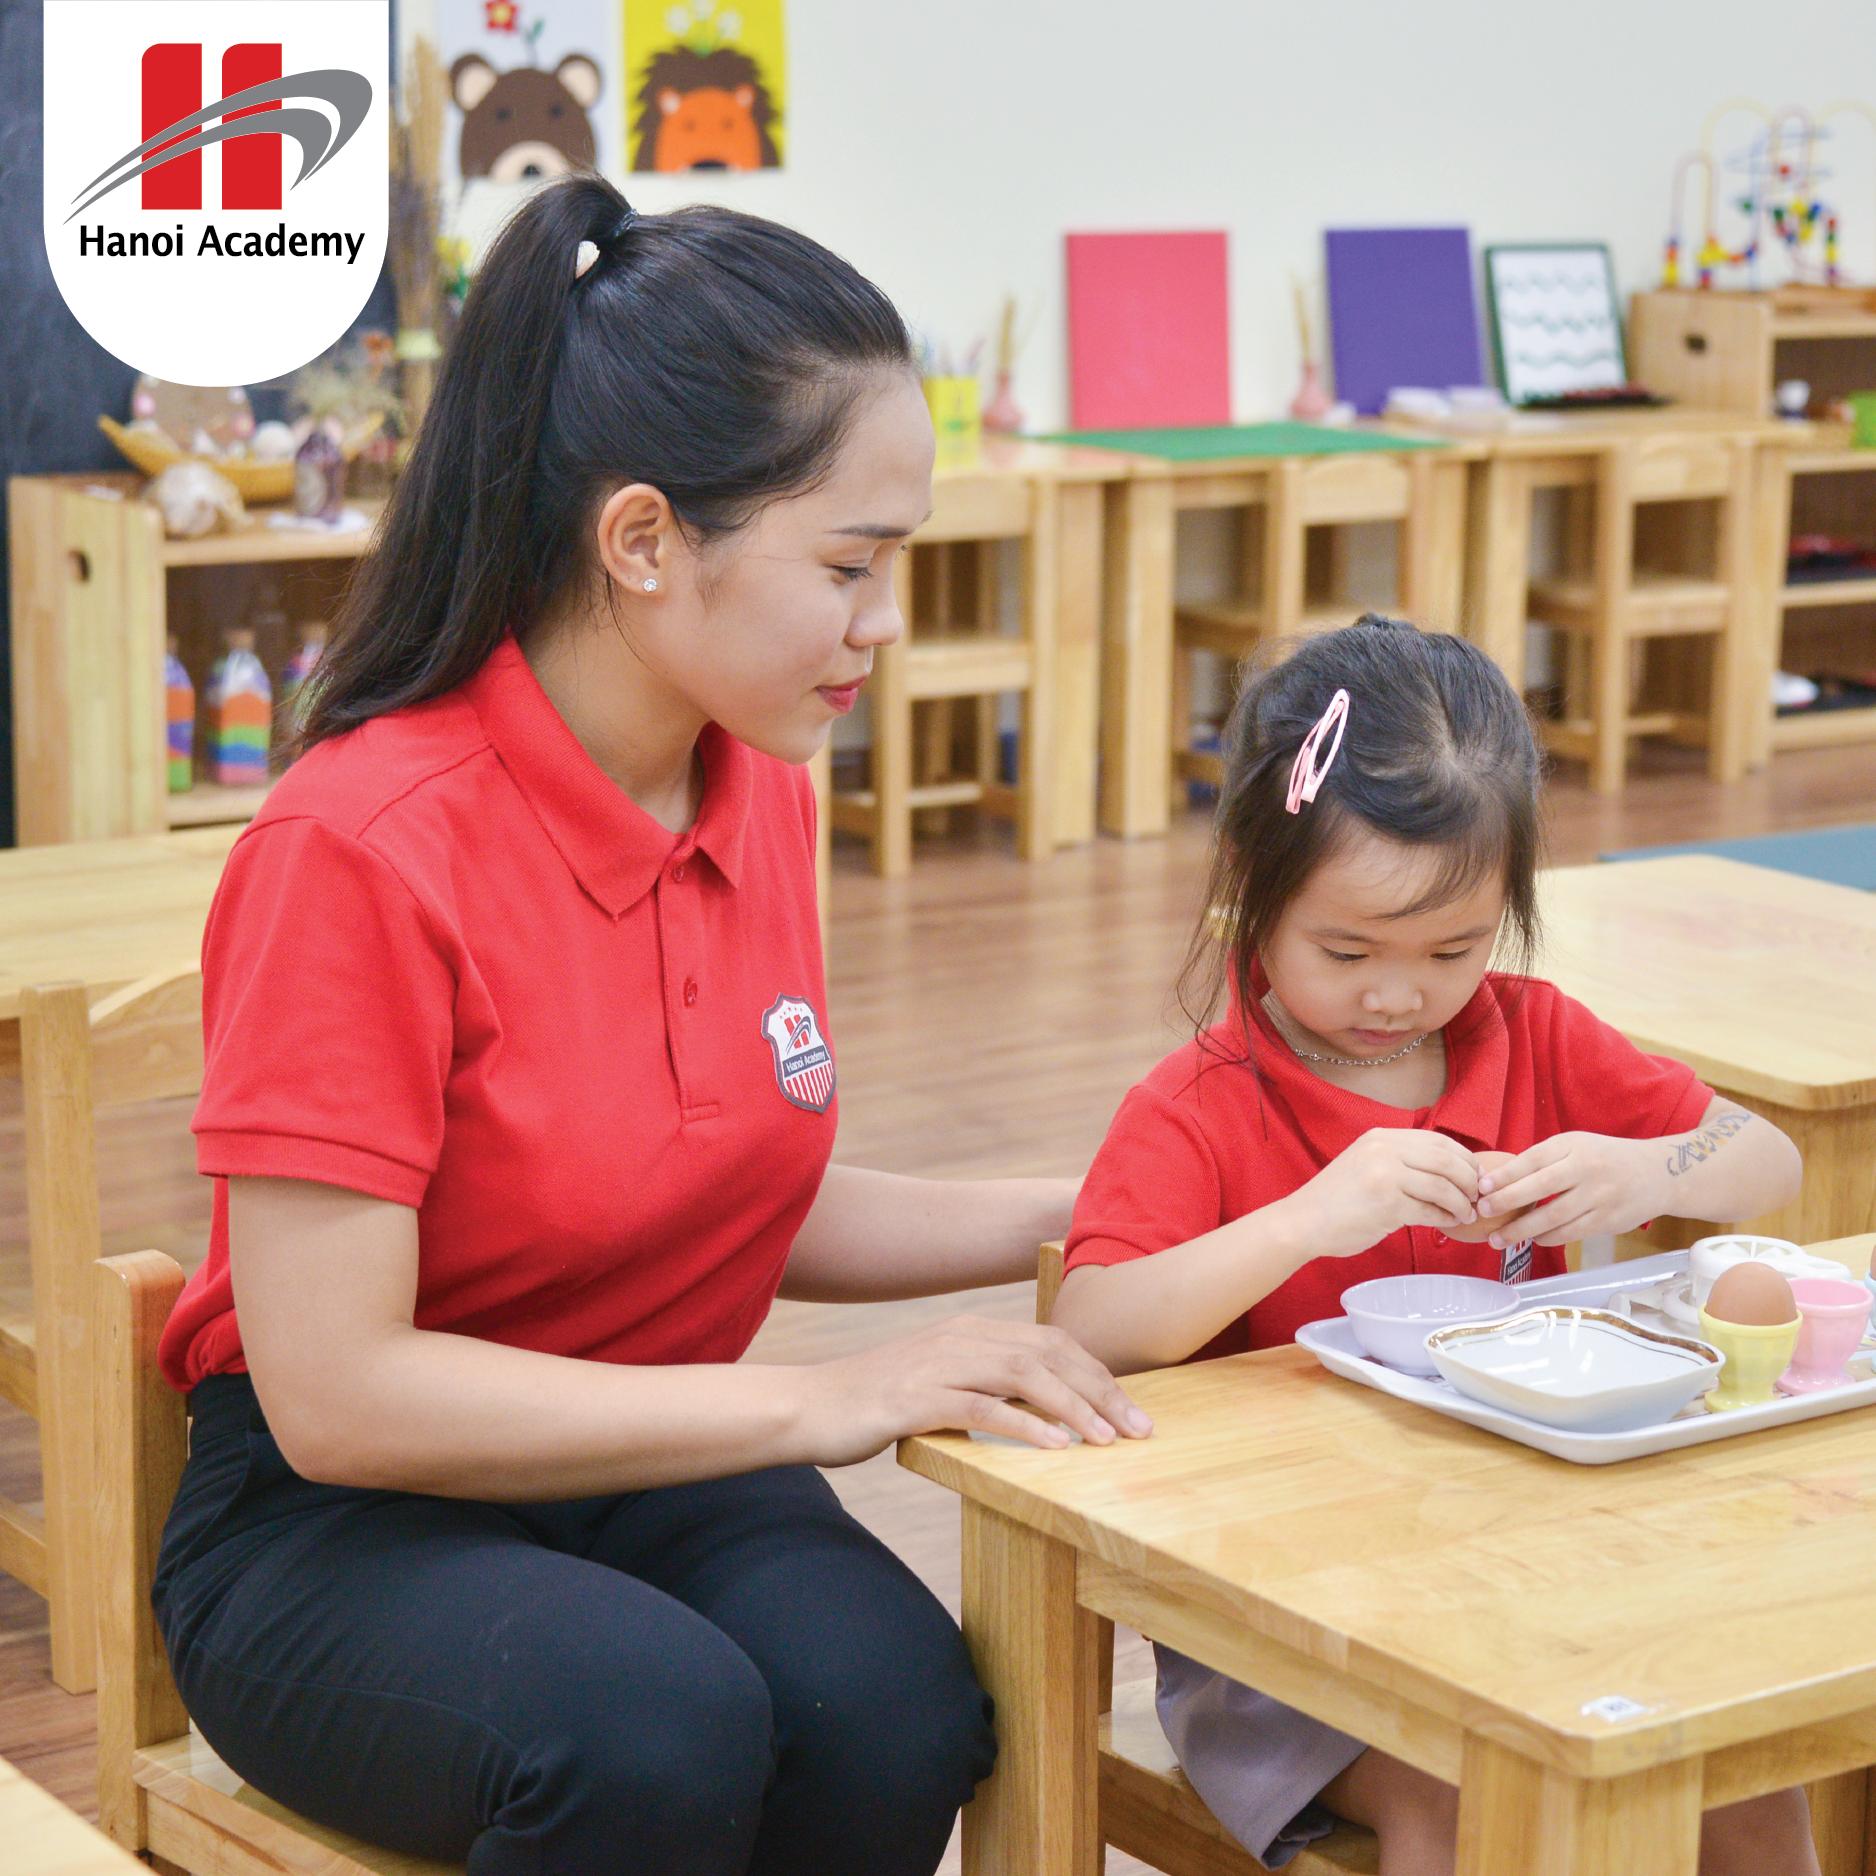 Phương pháp giáo dục nào cho trẻ mầm non là hiệu quả?